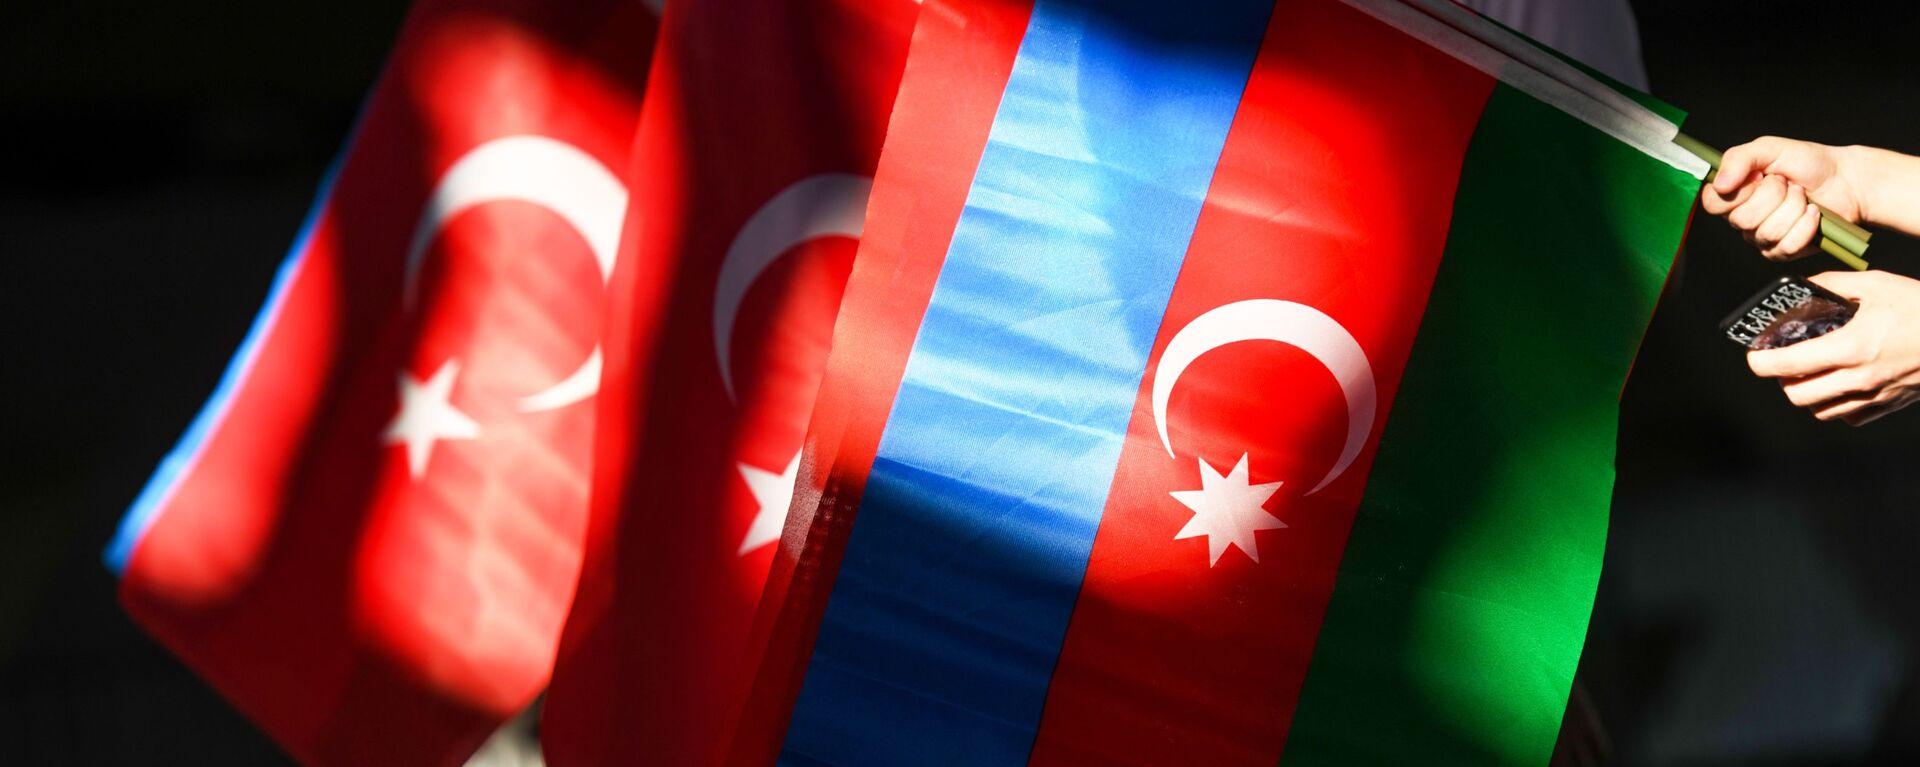 თურქეთისა და აზერბაიჯანის დროშები - Sputnik საქართველო, 1920, 28.07.2021